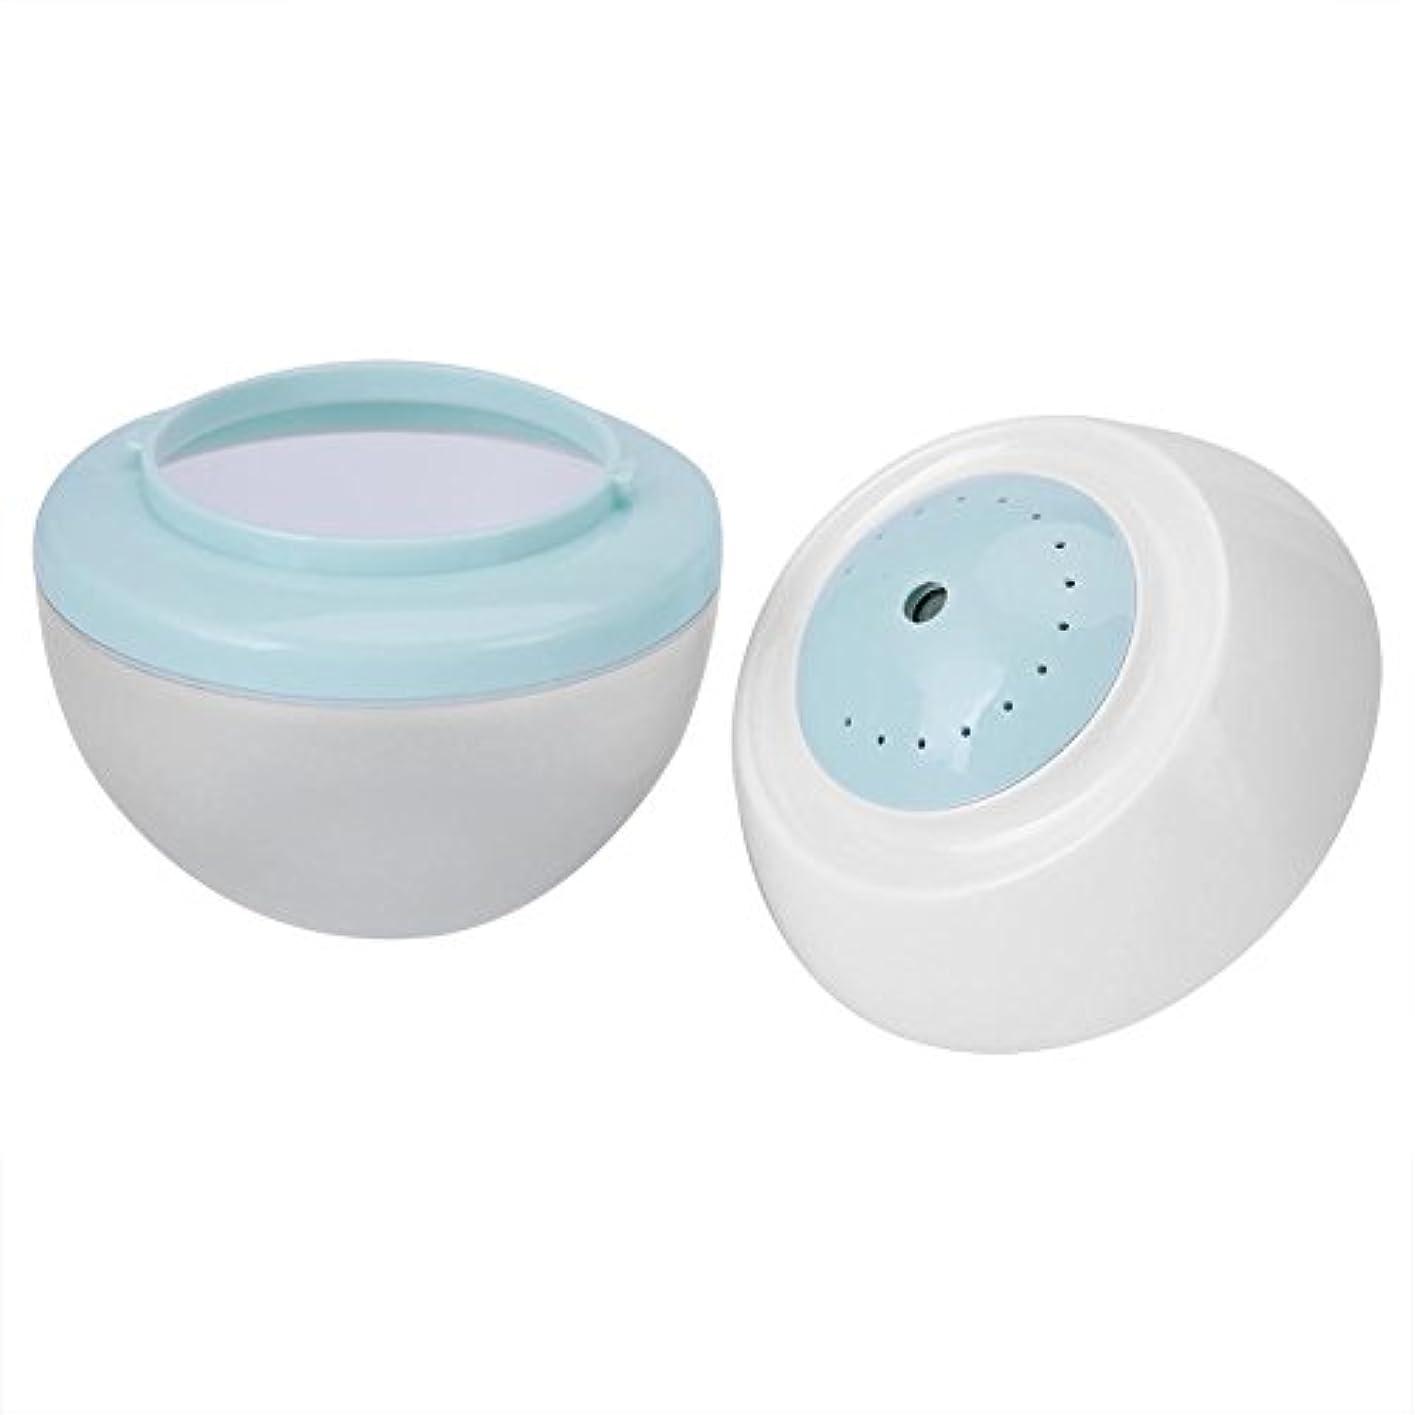 条件付き似ている減らすクールミスト加湿器、500ML 7色LED超音波加湿器冷気オイルディフューザー清浄器ホームオフィスルーム用ホームホールハウスベビールーム(ピンク)